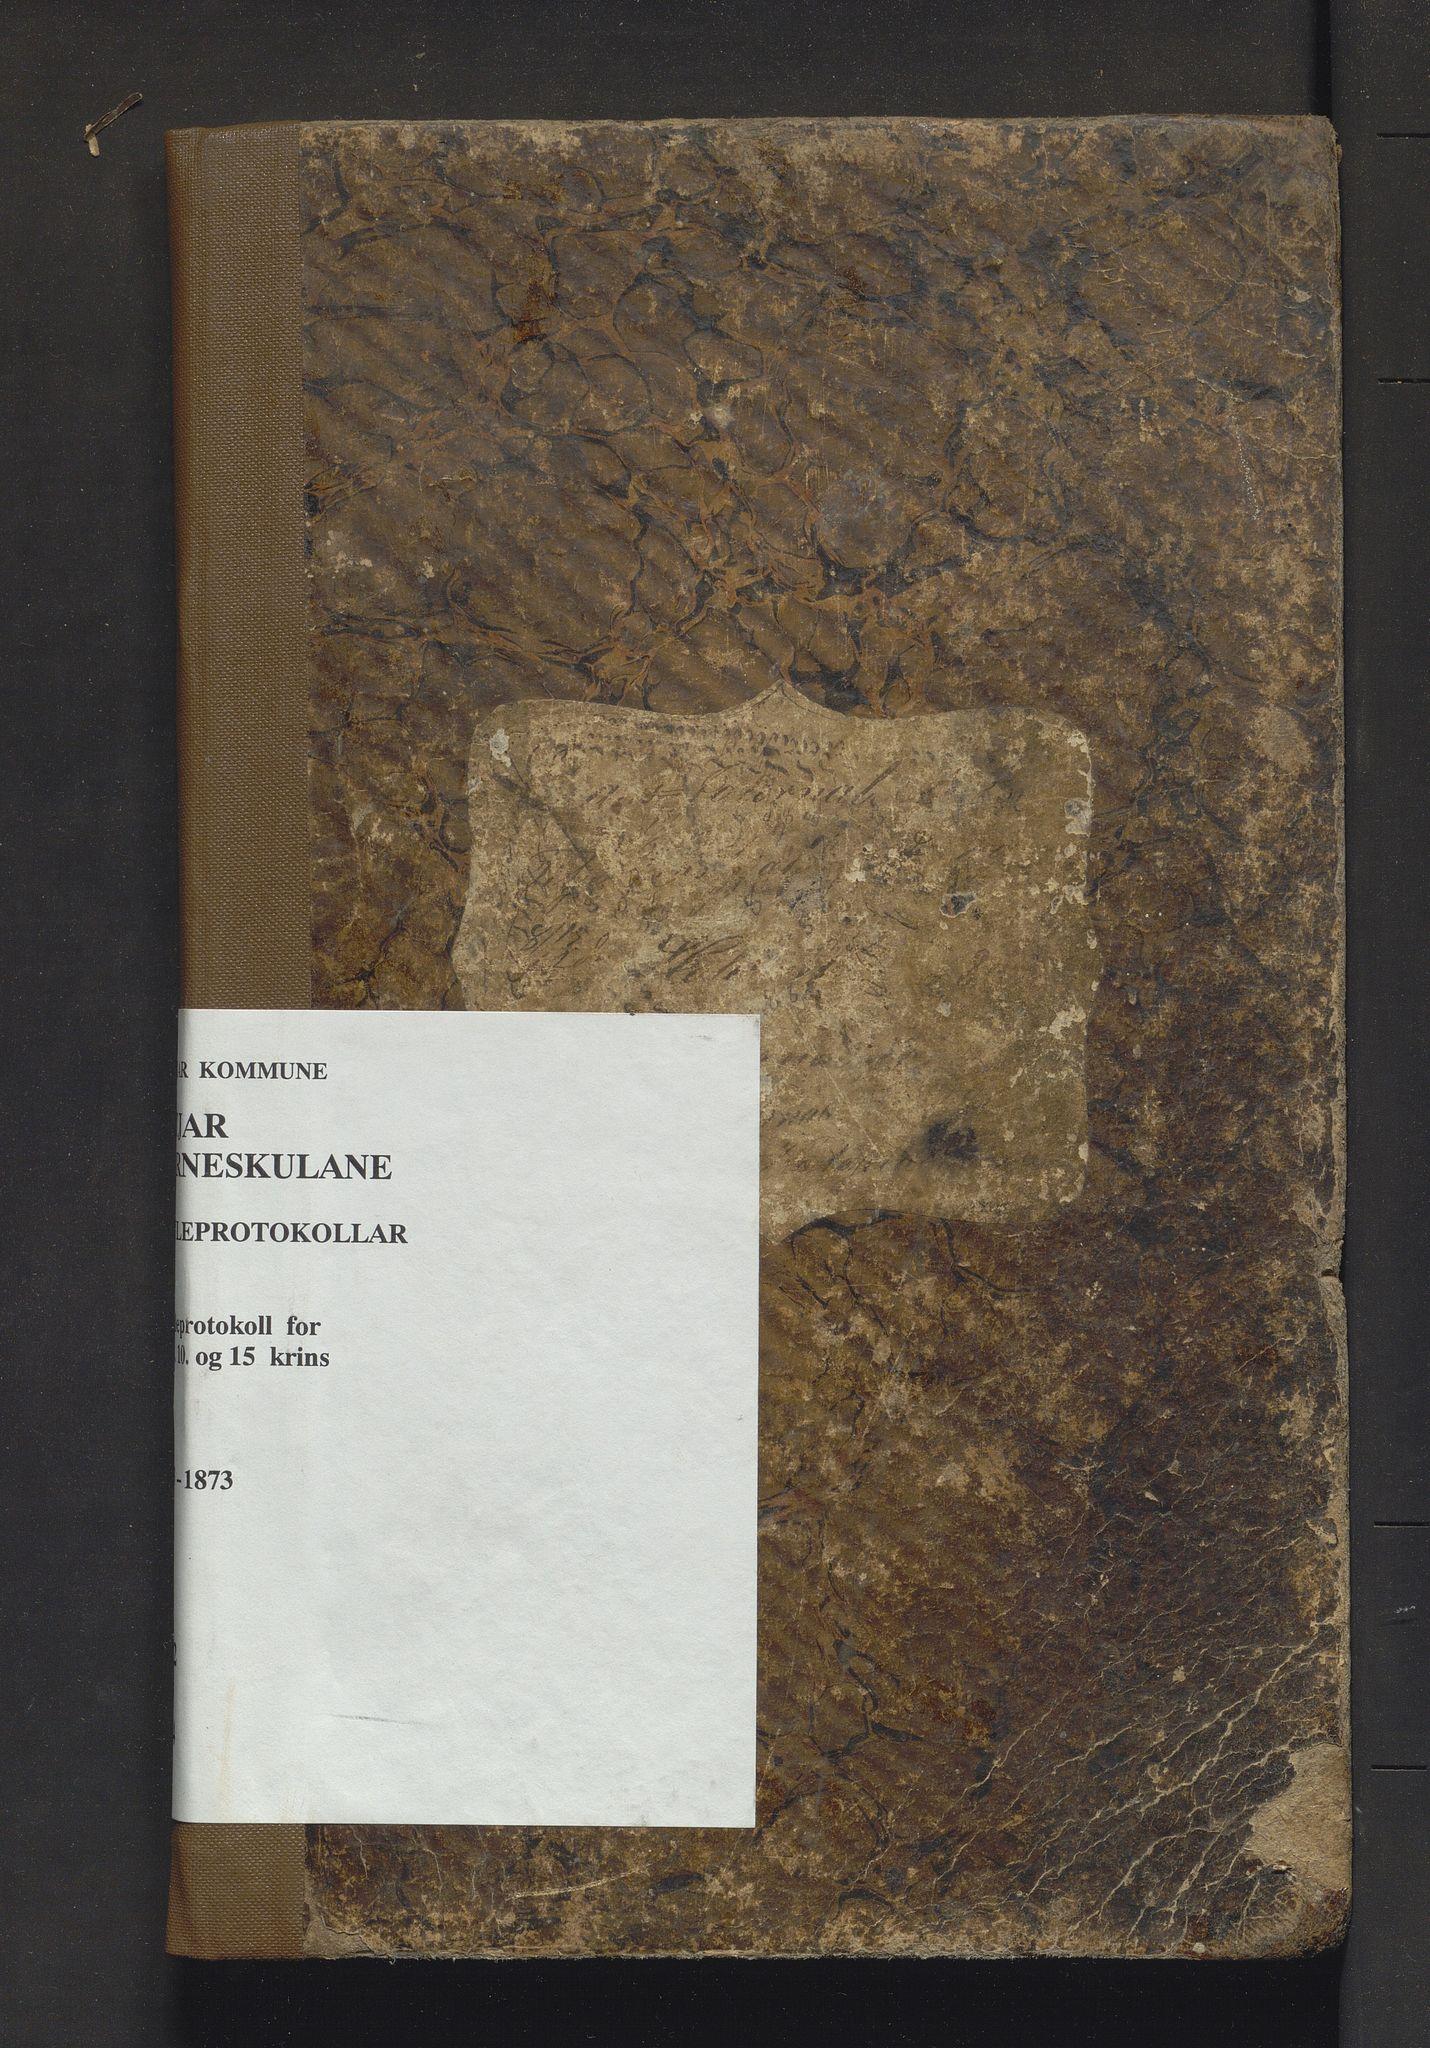 IKAH, Fitjar kommune. Barneskulane, F/Fa/L0004: Skuleprotokoll for 8. 9. 10. og 15. krinsar i Stordøen prestegjeld, 1863-1873